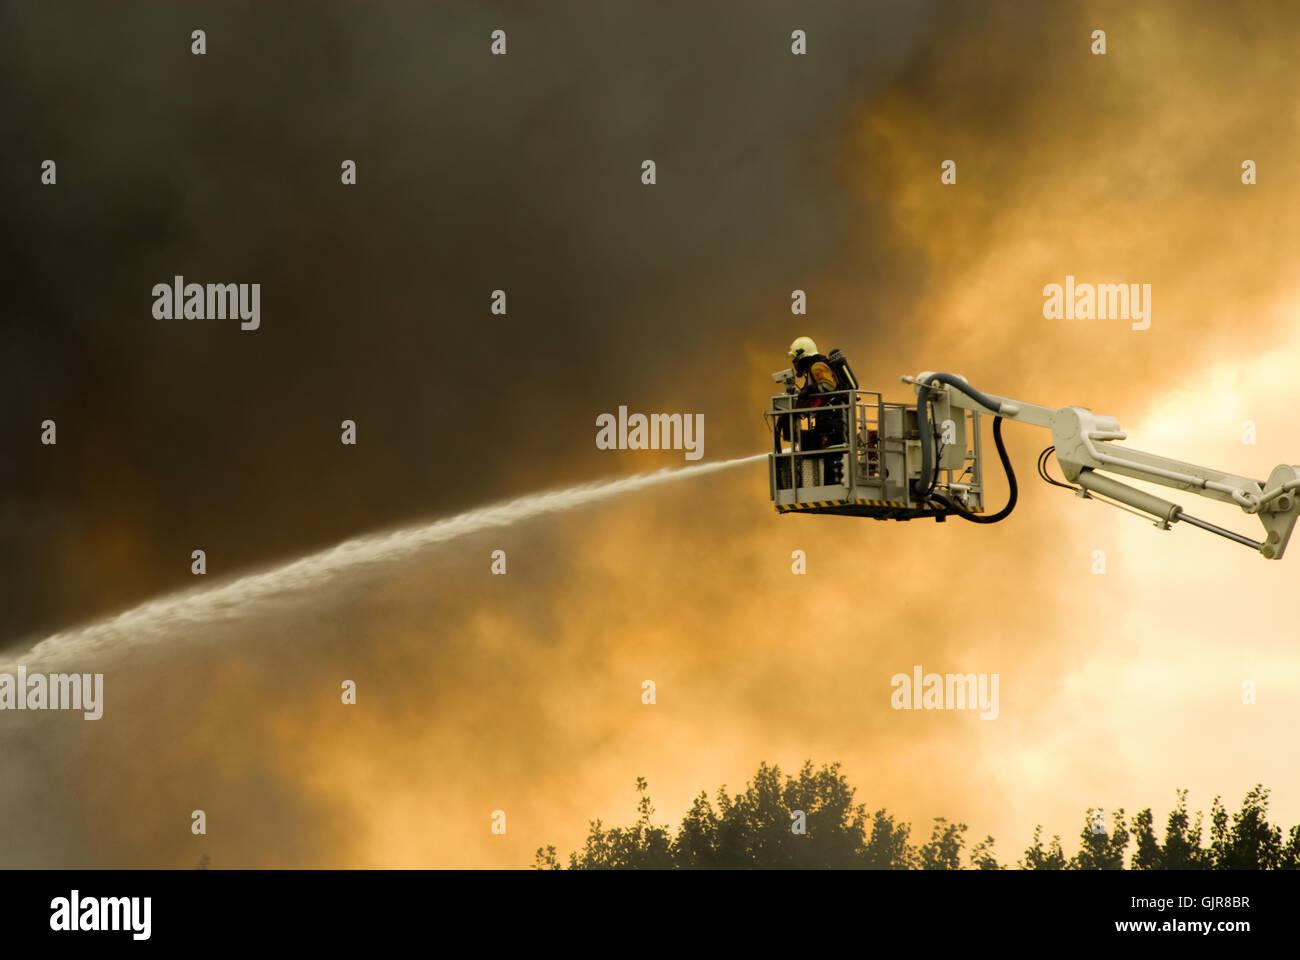 danger insurance fire - Stock Image